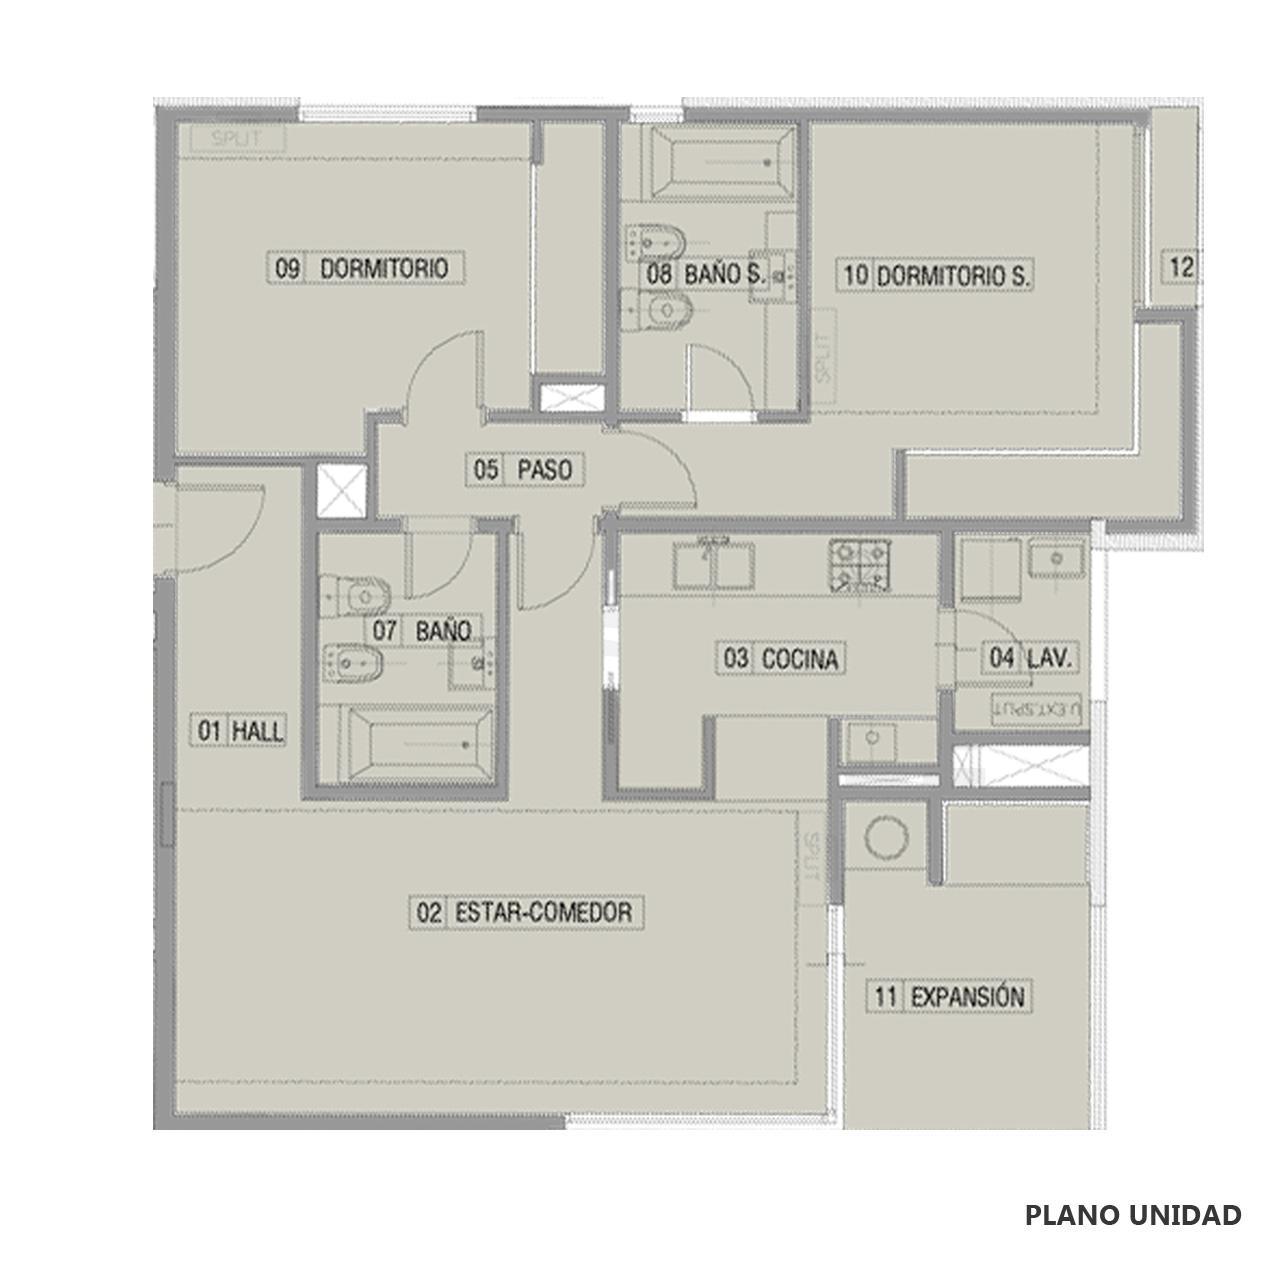 Venta departamento 2 dormitorios Funes, Funes. Cod CBU23049 AP2208271. Crestale Propiedades